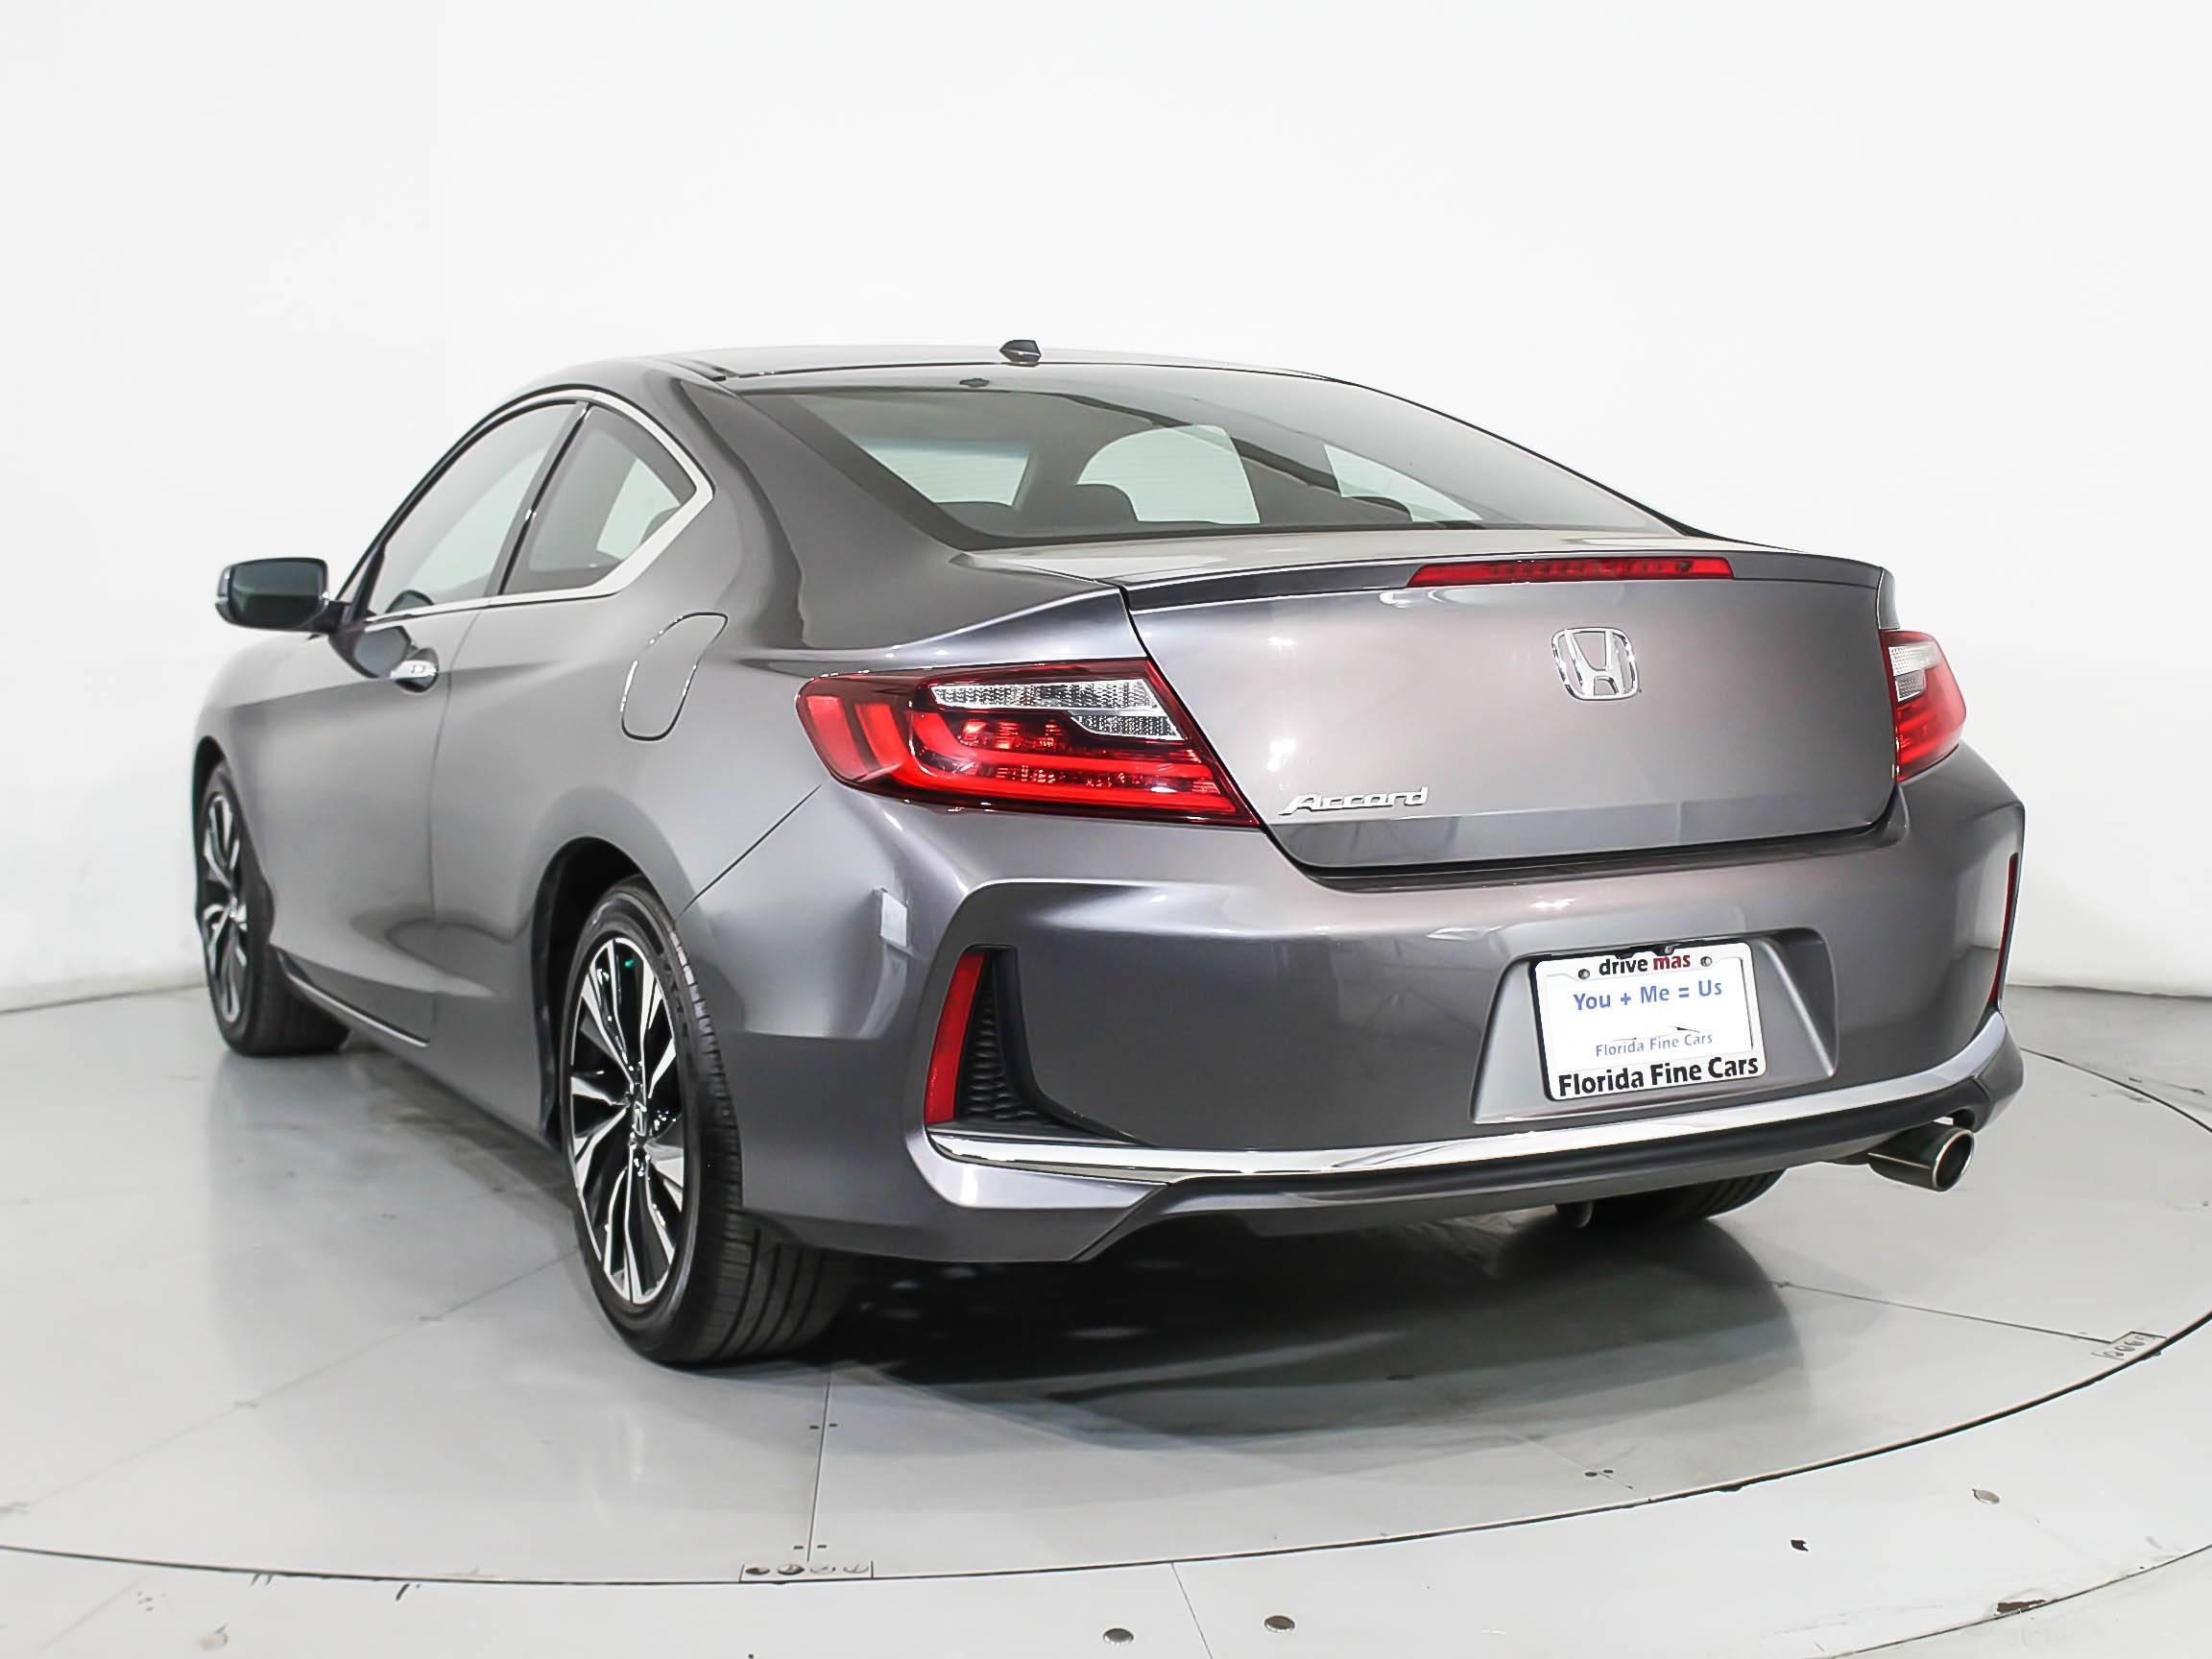 Used 2016 HONDA ACCORD EX Coupe for sale in MIAMI, FL ...